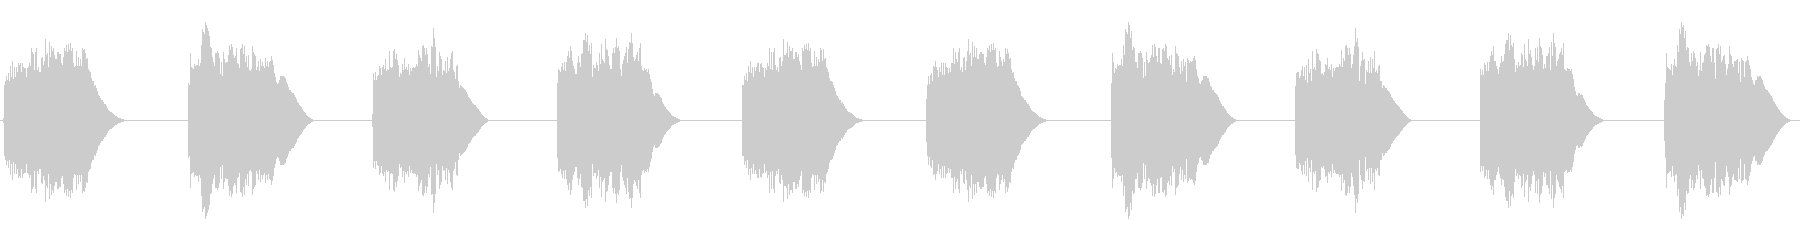 (ジリーンジリーン)黒電話着信音01の未再生の波形